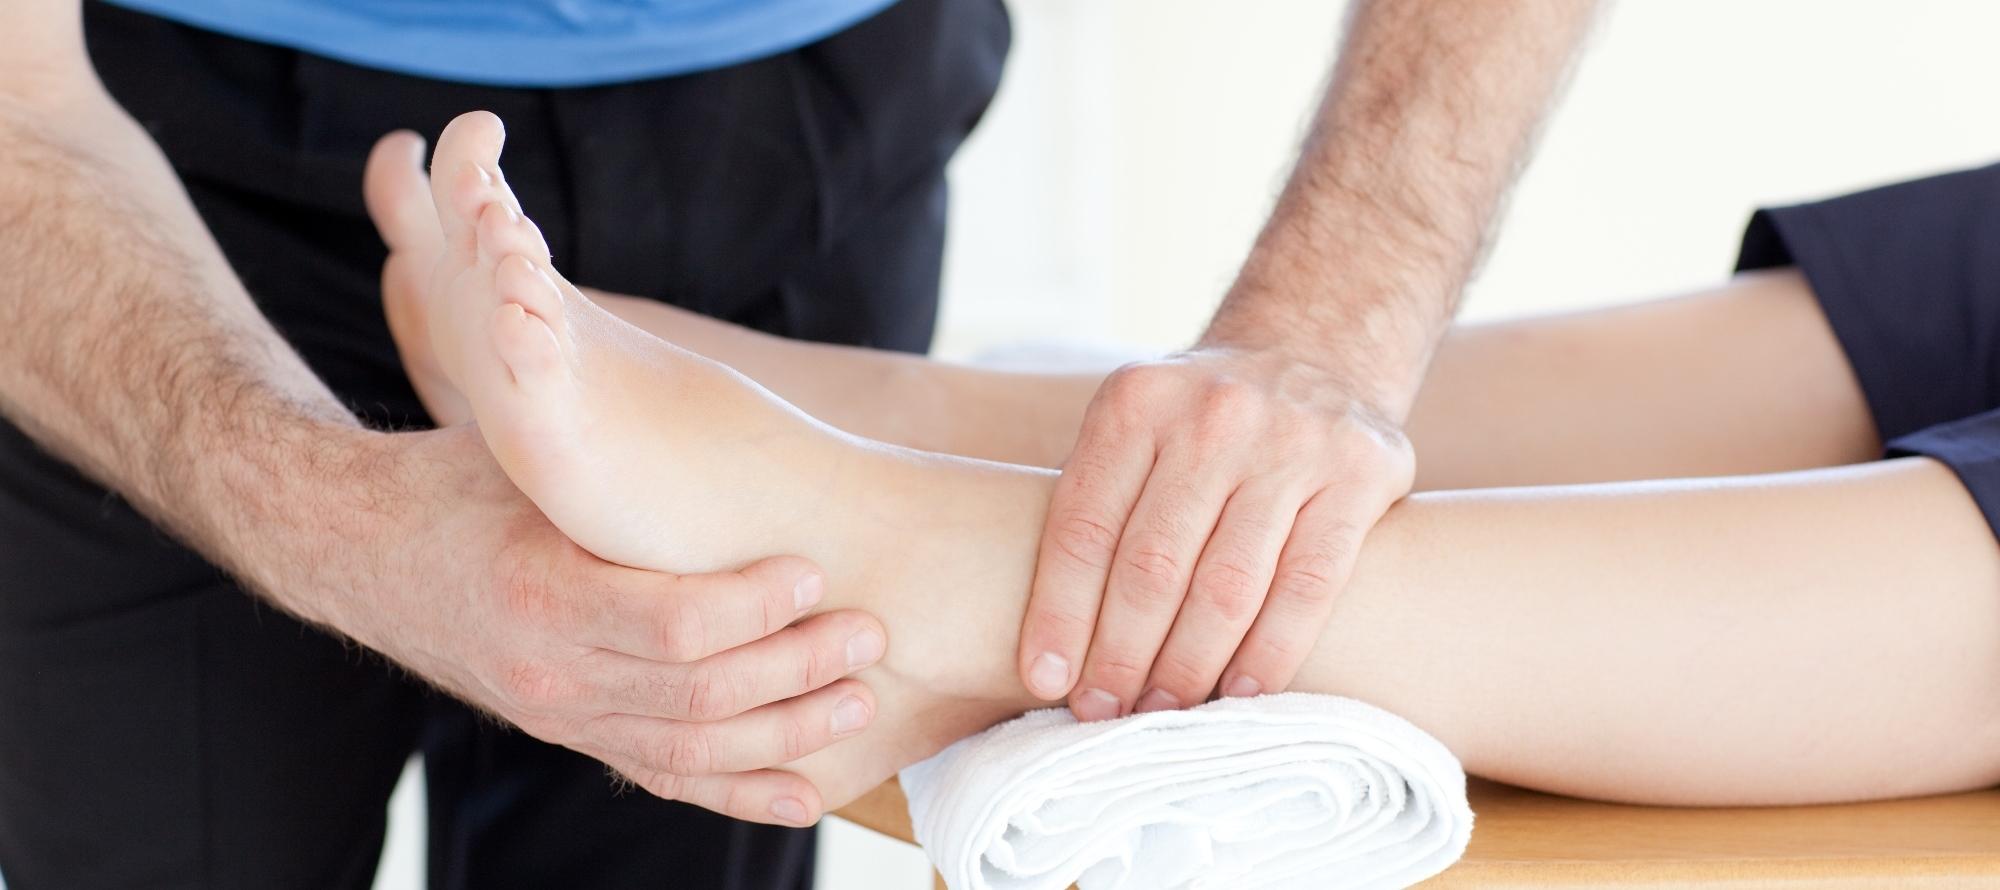 Fisioterapia en ASERHCO